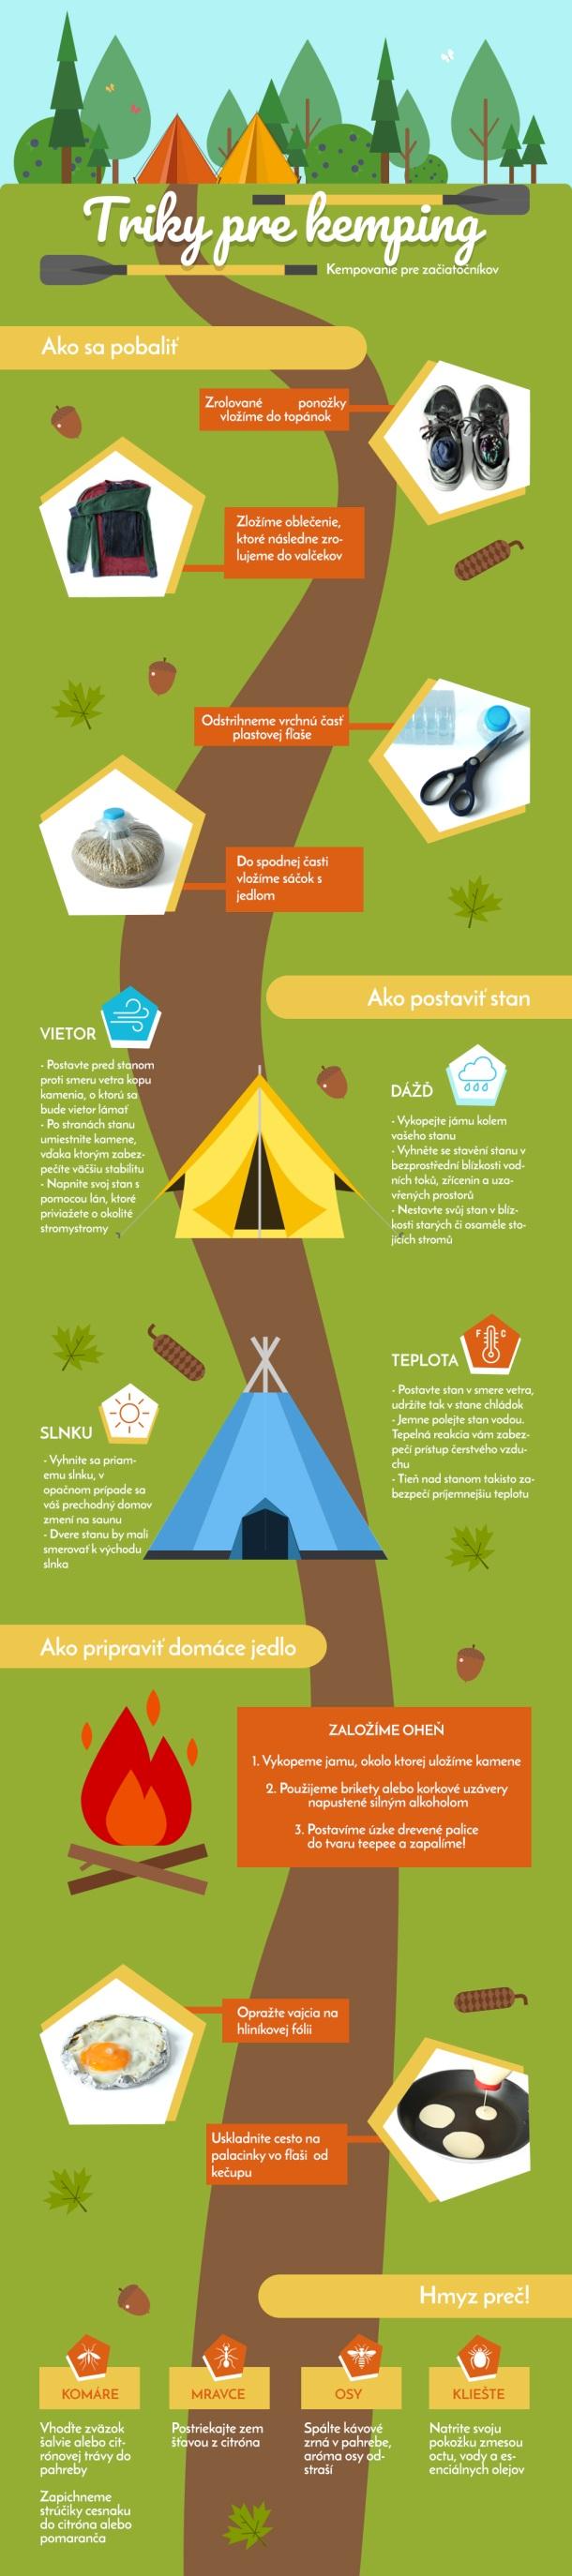 Tipy a triky na kempovanie